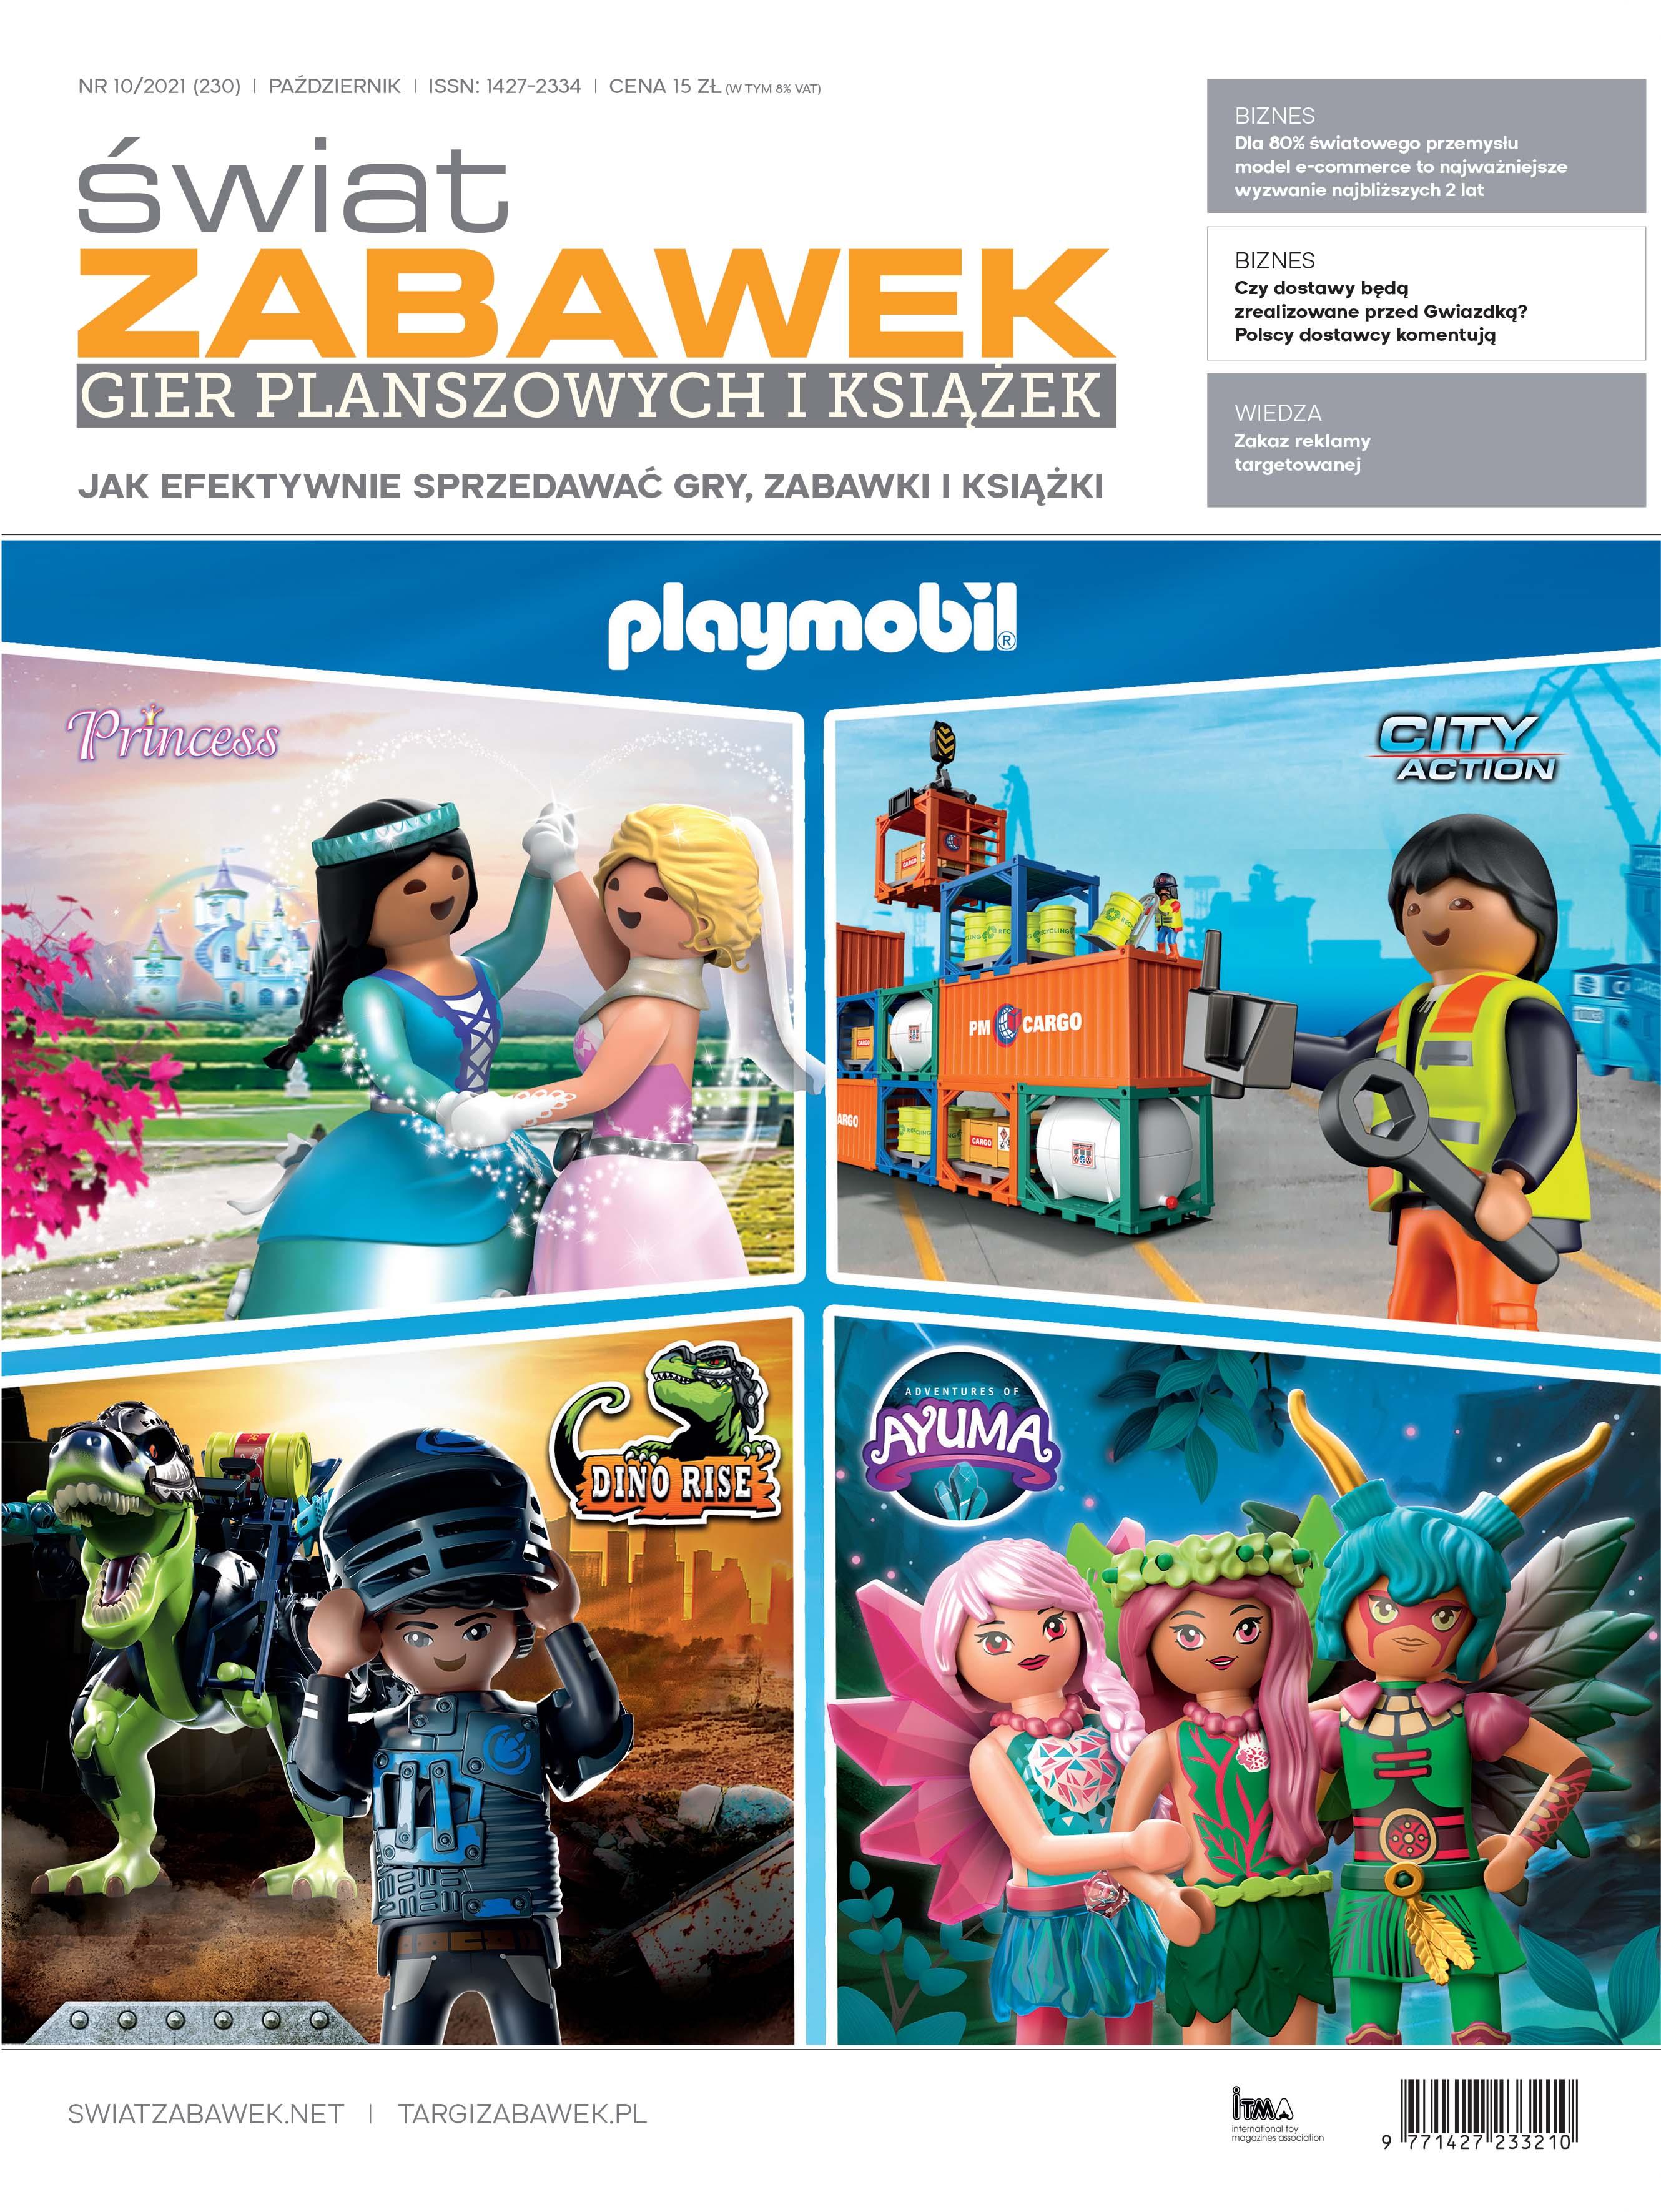 Nowe wydanie - Świat Zabawek 10/2021